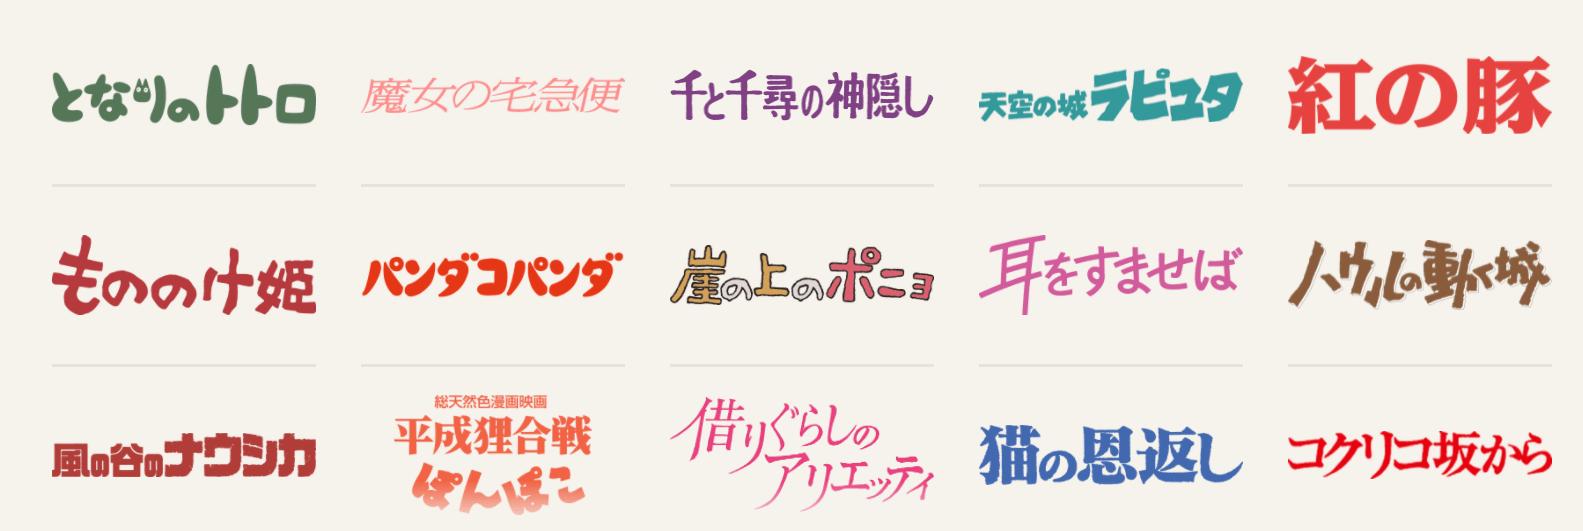 Studio Ghibli Donguri Sora Studio Ghibli movies list